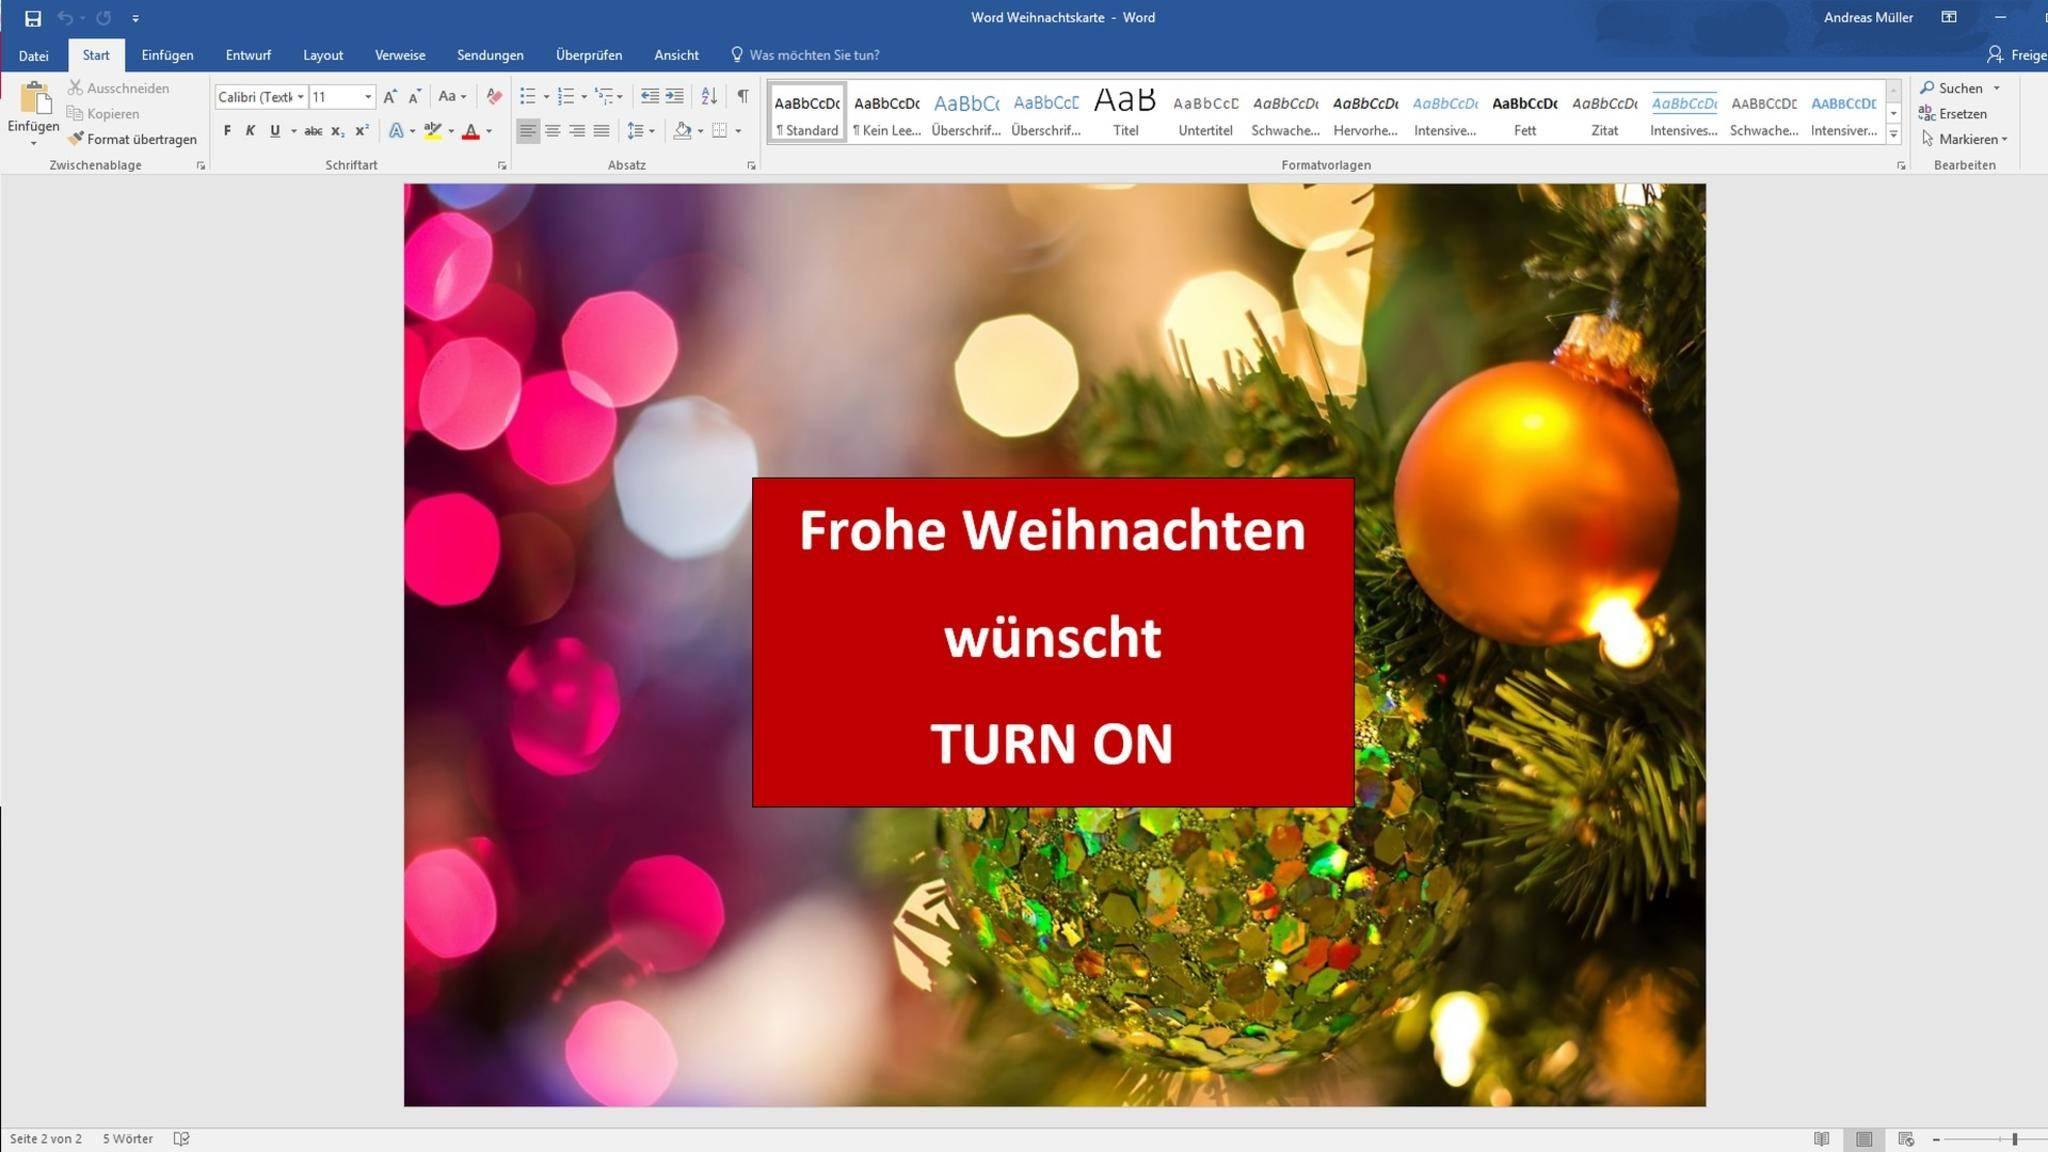 Persönliche Weihnachtskarten Foto.Weihnachtskarten Erstellen Mit Word So Geht S